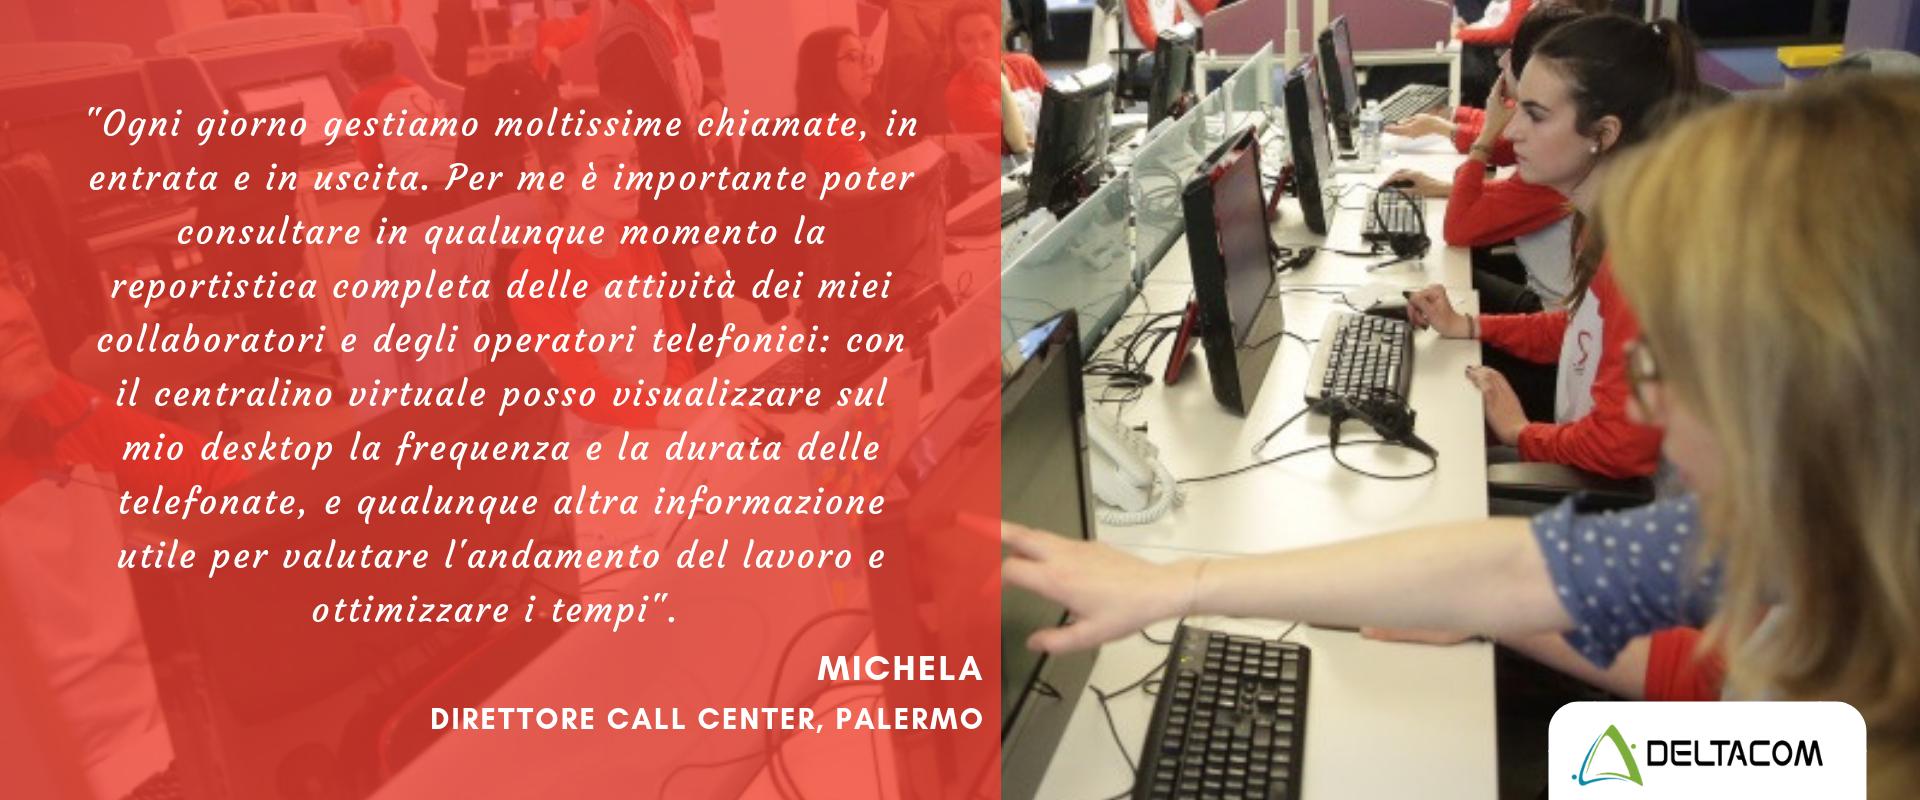 Centralino virtuale Deltacom Messina - per aziende e liberi professionisti